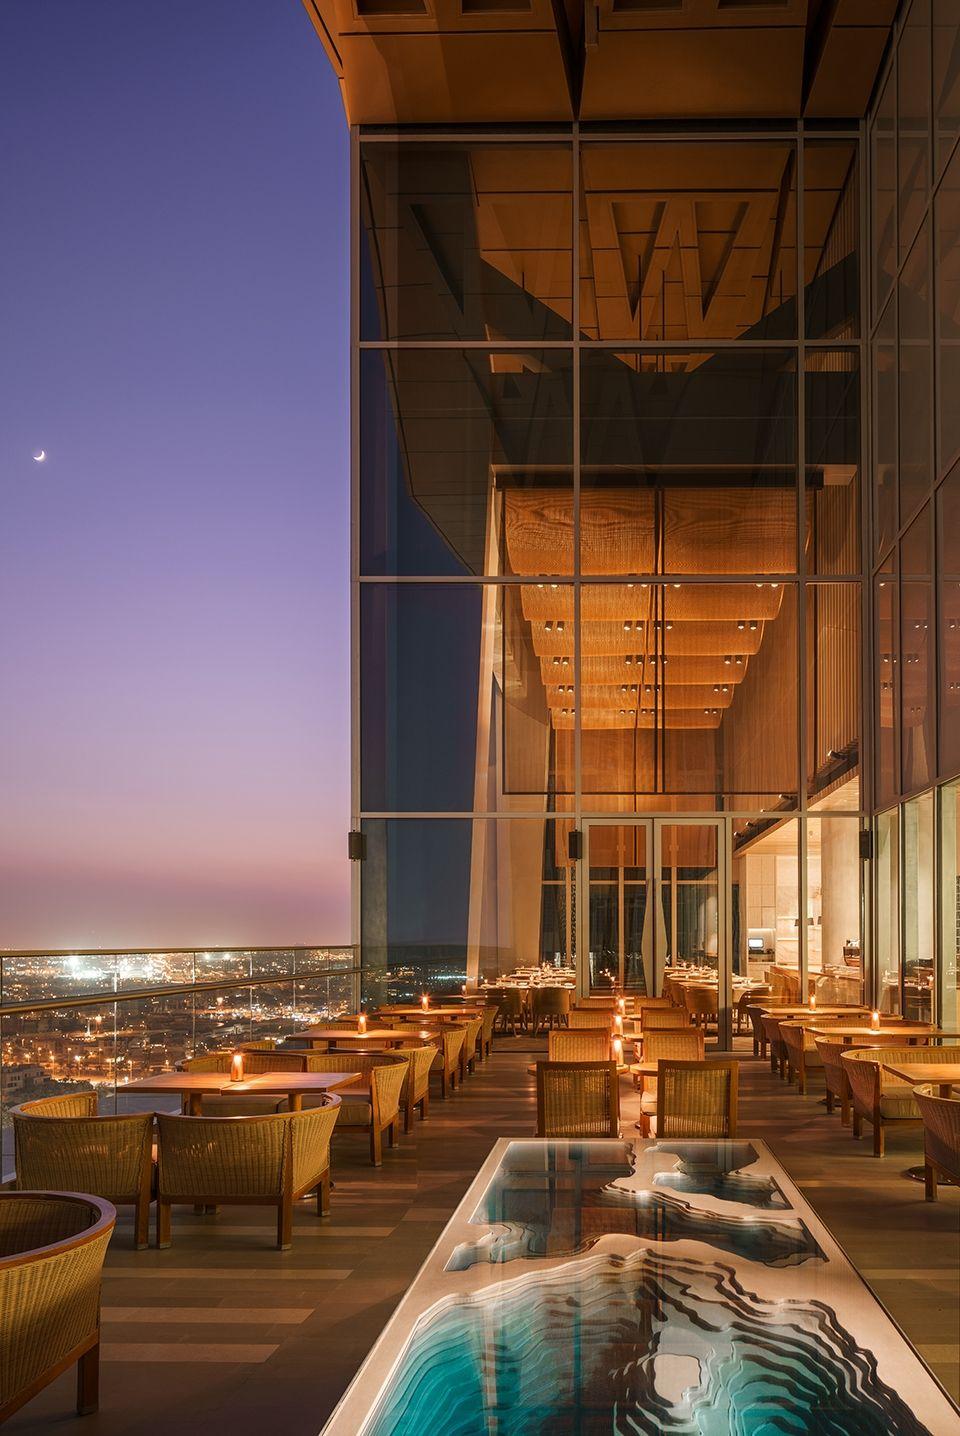 在科威特上空体验意大利南部美食,科威特四季酒店Dai Forni餐厅 | Kokaistudios